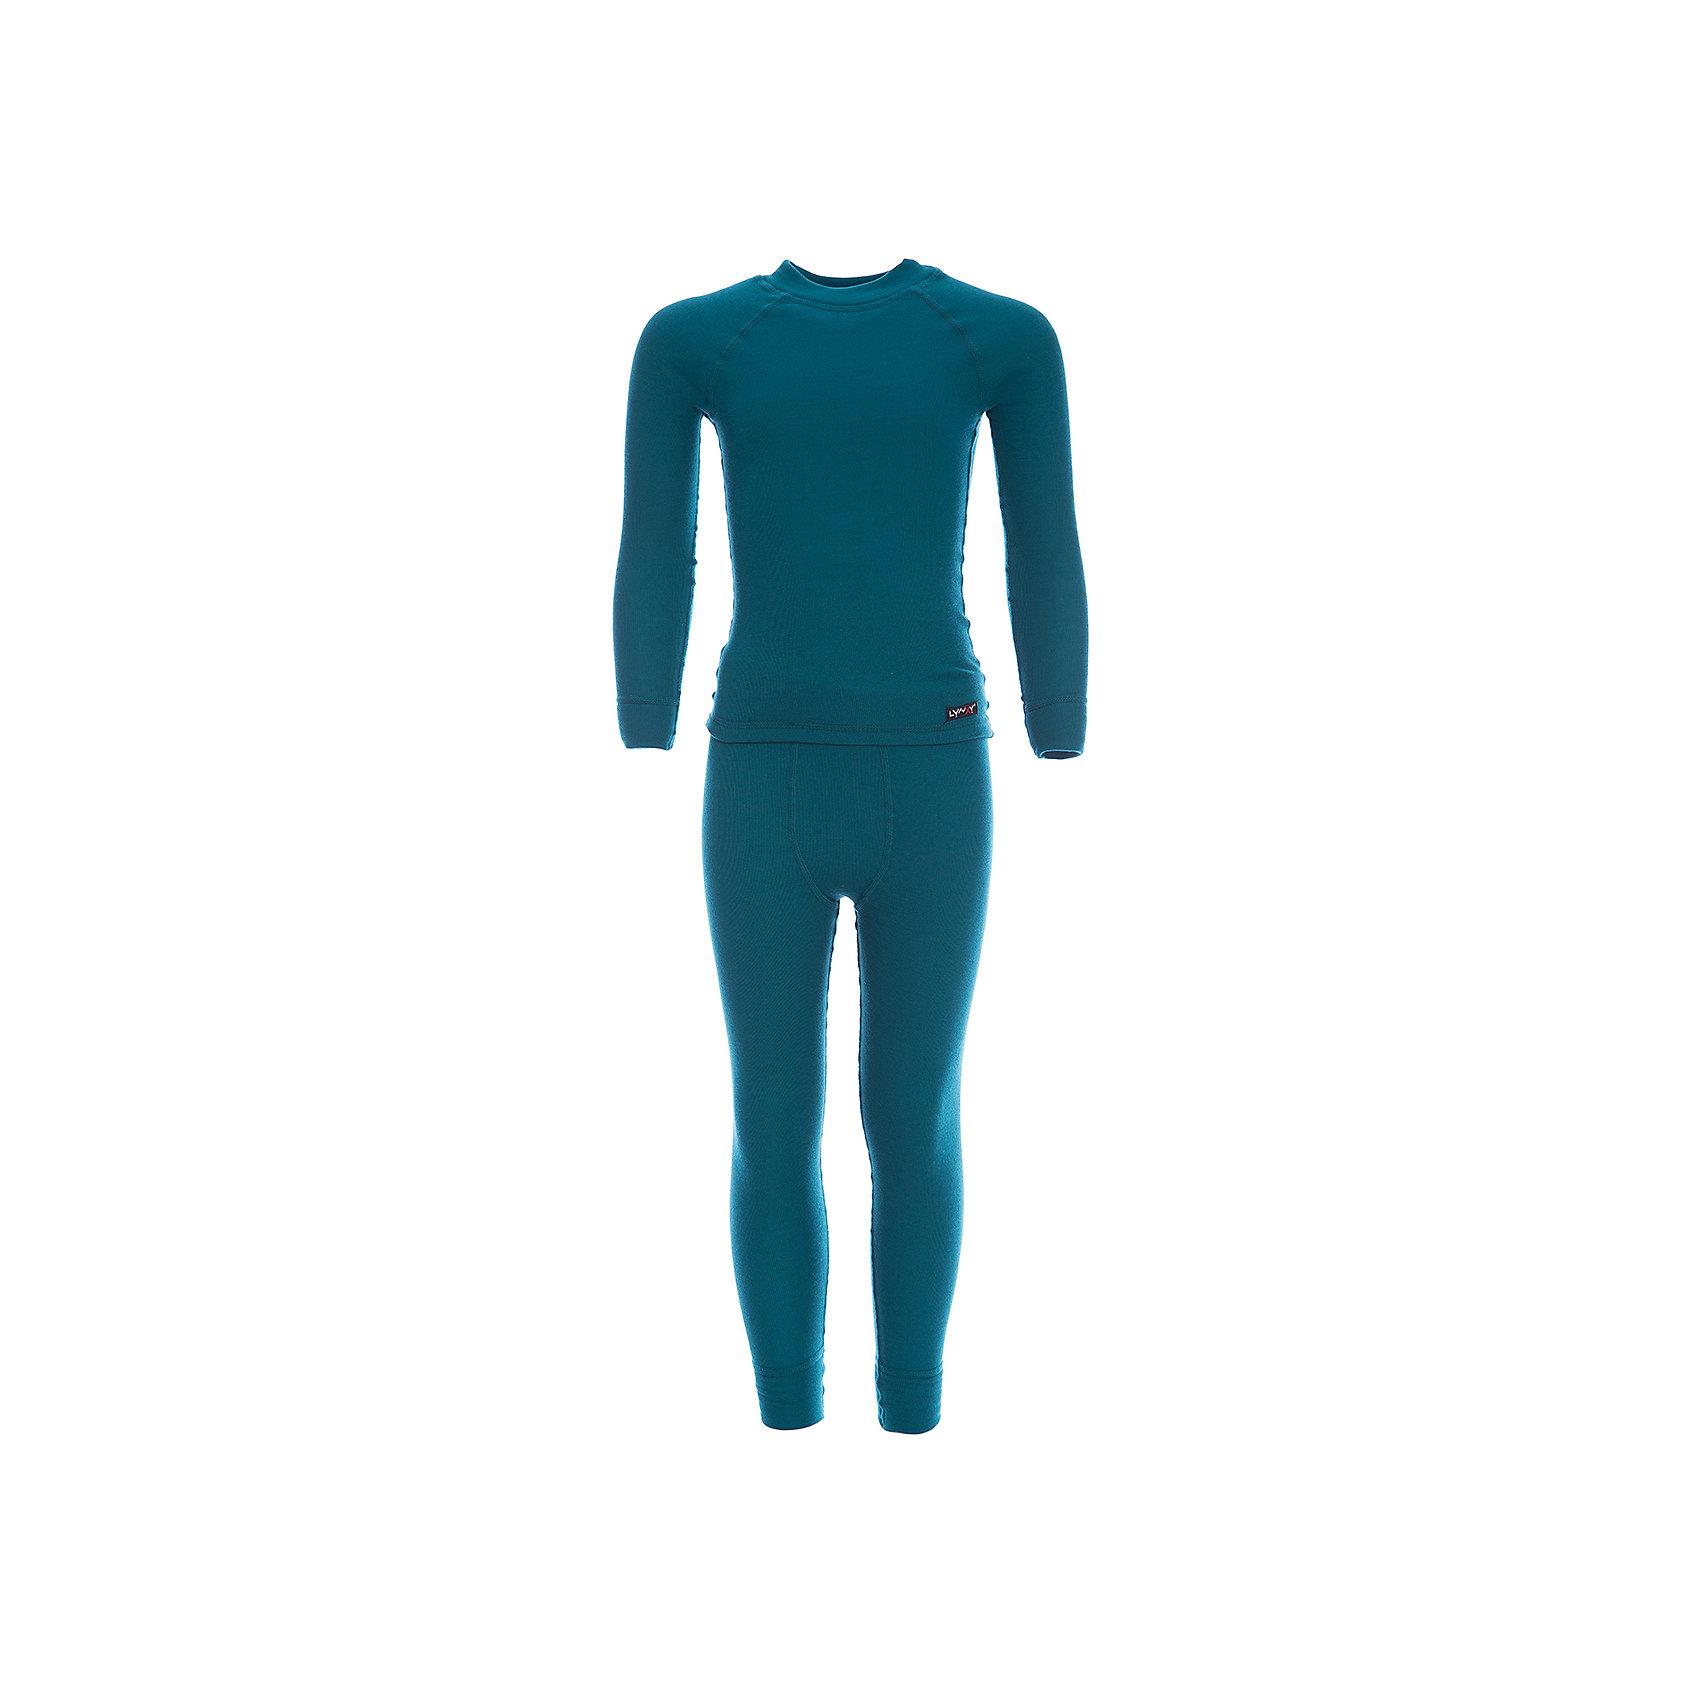 Комплект термобелья LynxyФлис и термобелье<br>Характеристики товара:<br><br>• цвет: морской волны<br>• комплектация: лонгслив и рейтузы<br>• состав ткани: 95% полиэстер, 5% вискоза <br>• подкладка: нет<br>• сезон: зима<br>• температурный режим: от -30 до 0<br>• пояс: резинка<br>• длинные рукава<br>• страна бренда: Россия<br>• страна изготовитель: Россия<br><br>Такой детский комплект термобелья состоит из лонгслива и рейтуз. Такое термобелье можно надевать как нижний слой в морозы. Качественный материал комплекта термобелья для детей позволяет коже дышать и впитывает лишнюю влагу. Ткань Trevira с микроначесом приятна на ощупь. <br><br>Комплект термобелья Lynxy (Линкси) можно купить в нашем интернет-магазине.<br><br>Ширина мм: 123<br>Глубина мм: 10<br>Высота мм: 149<br>Вес г: 209<br>Цвет: зеленый<br>Возраст от месяцев: 24<br>Возраст до месяцев: 36<br>Пол: Унисекс<br>Возраст: Детский<br>Размер: 98,170,104,110,116,122,128,134,140,146,152,158,164<br>SKU: 7038614